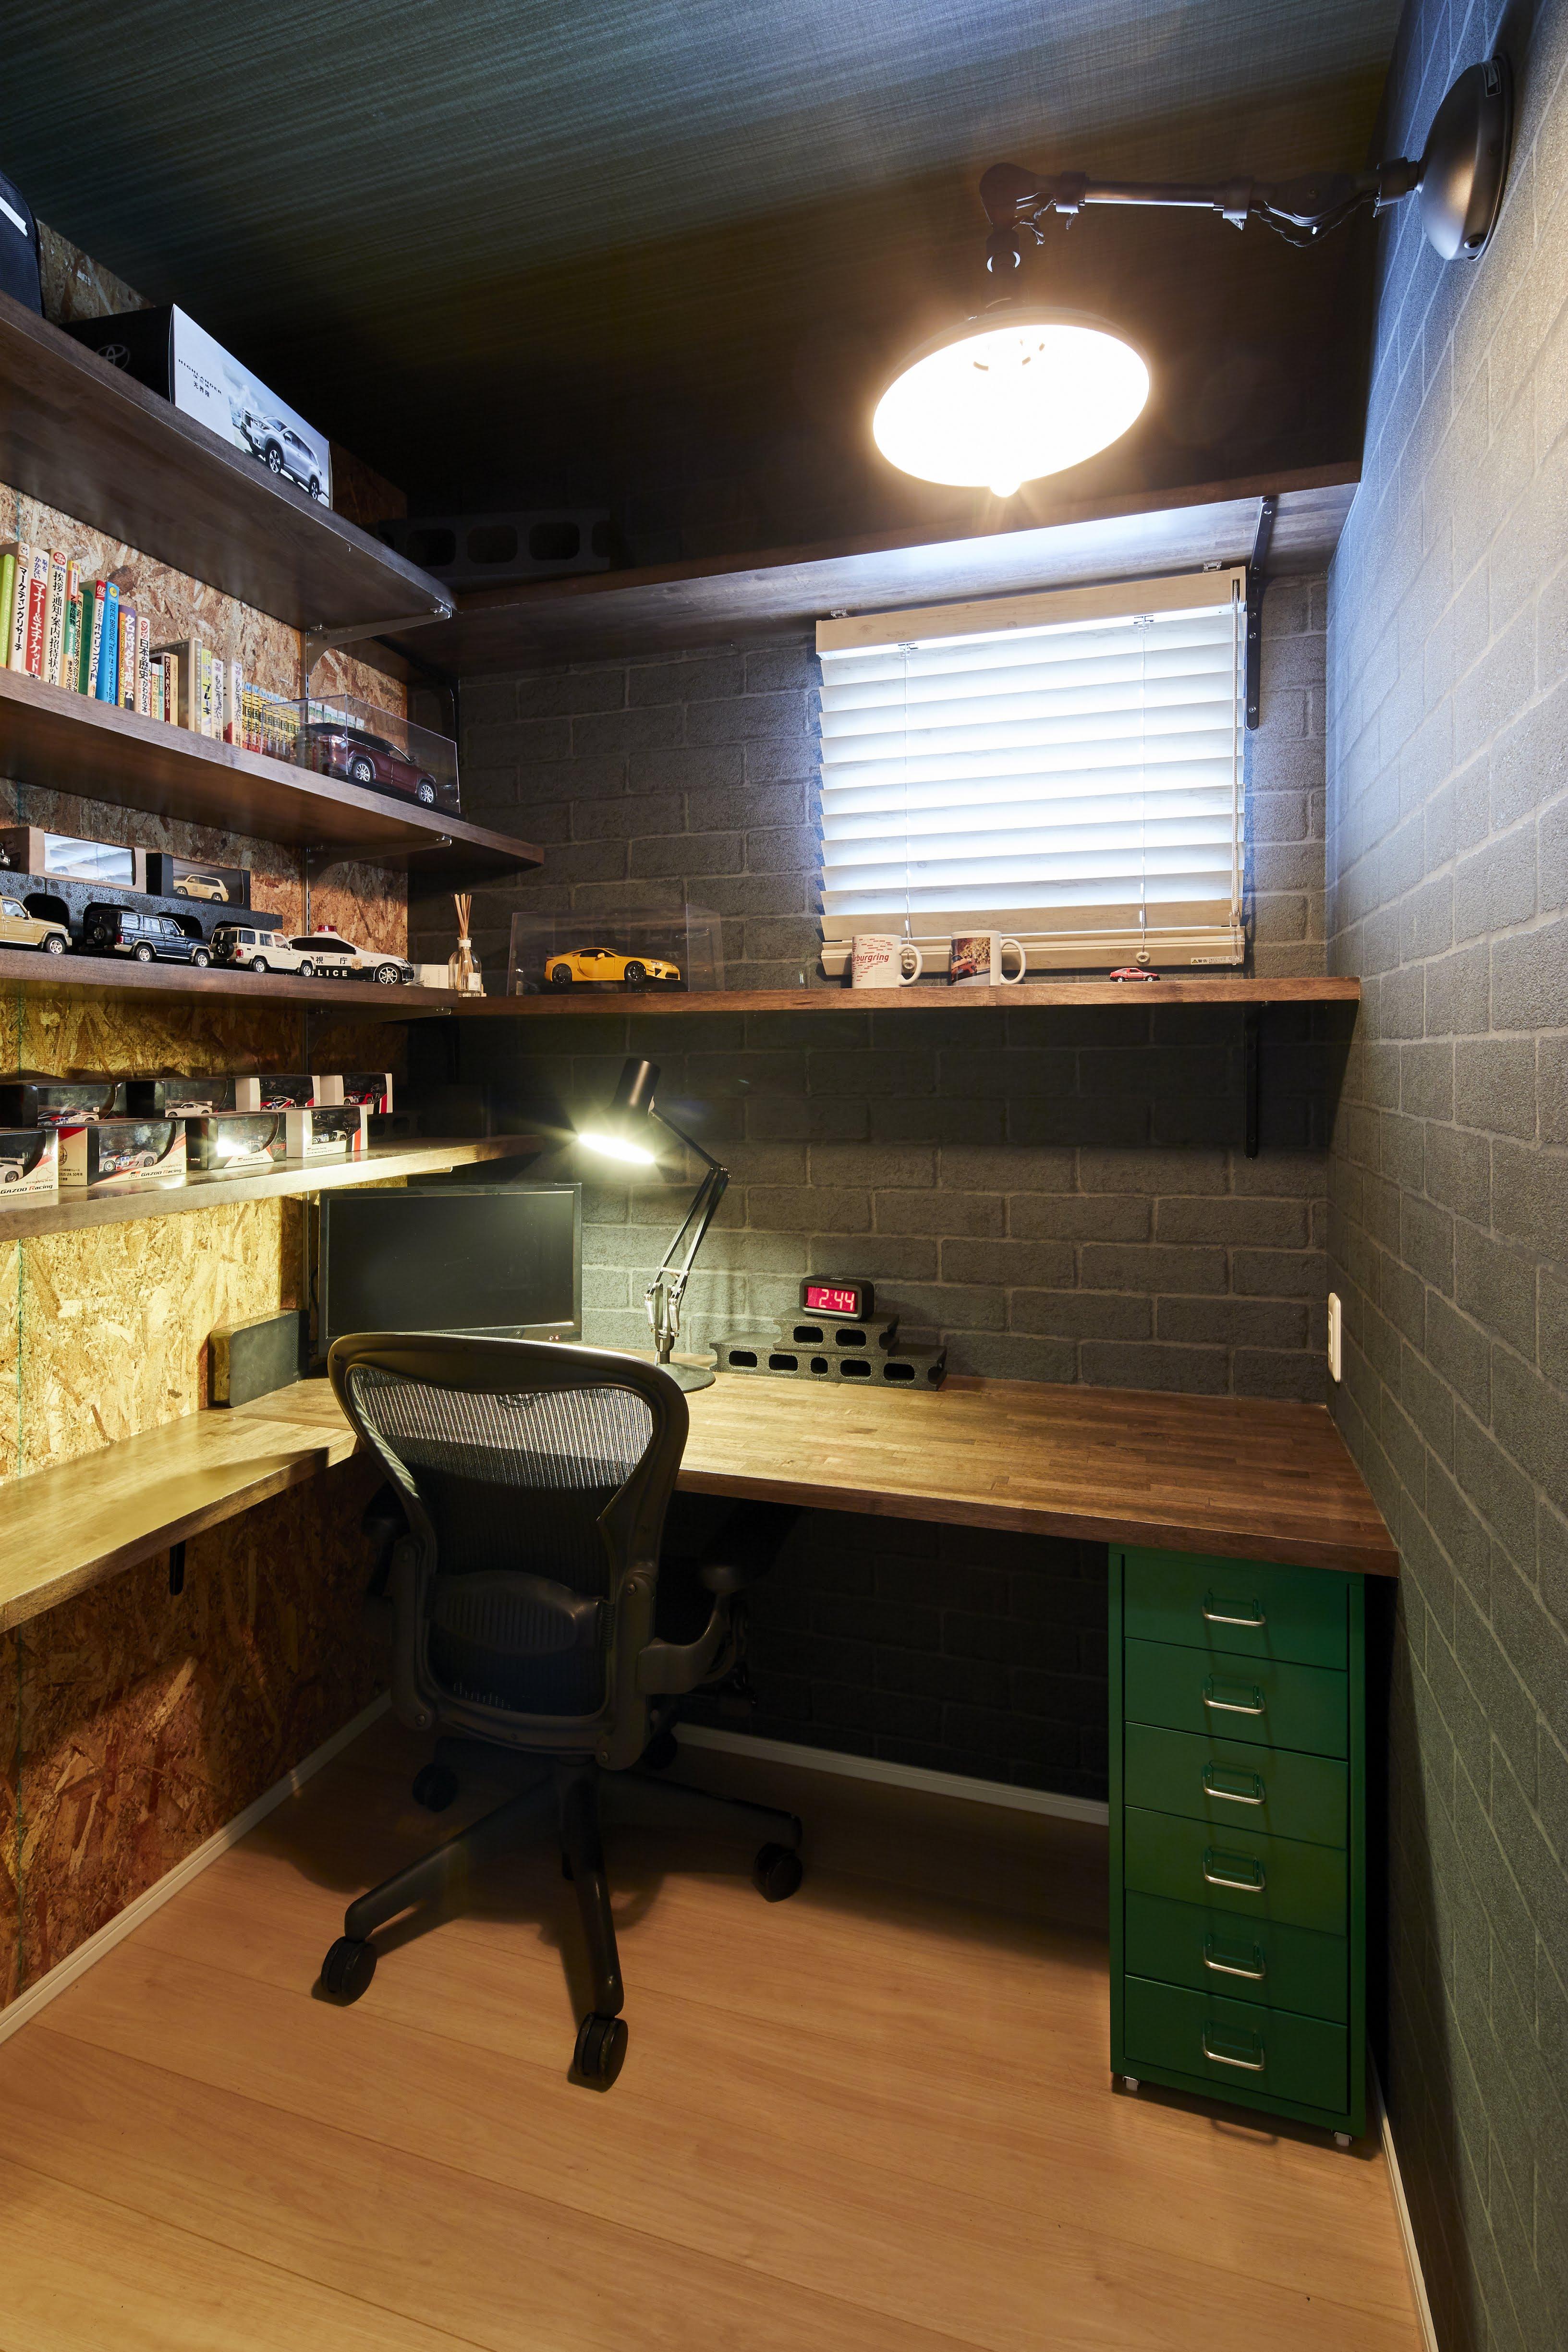 隠れ家のようなテイストで書斎も設計した。お気に入りの小物を並べたプライベートスペースで趣味に没頭できる